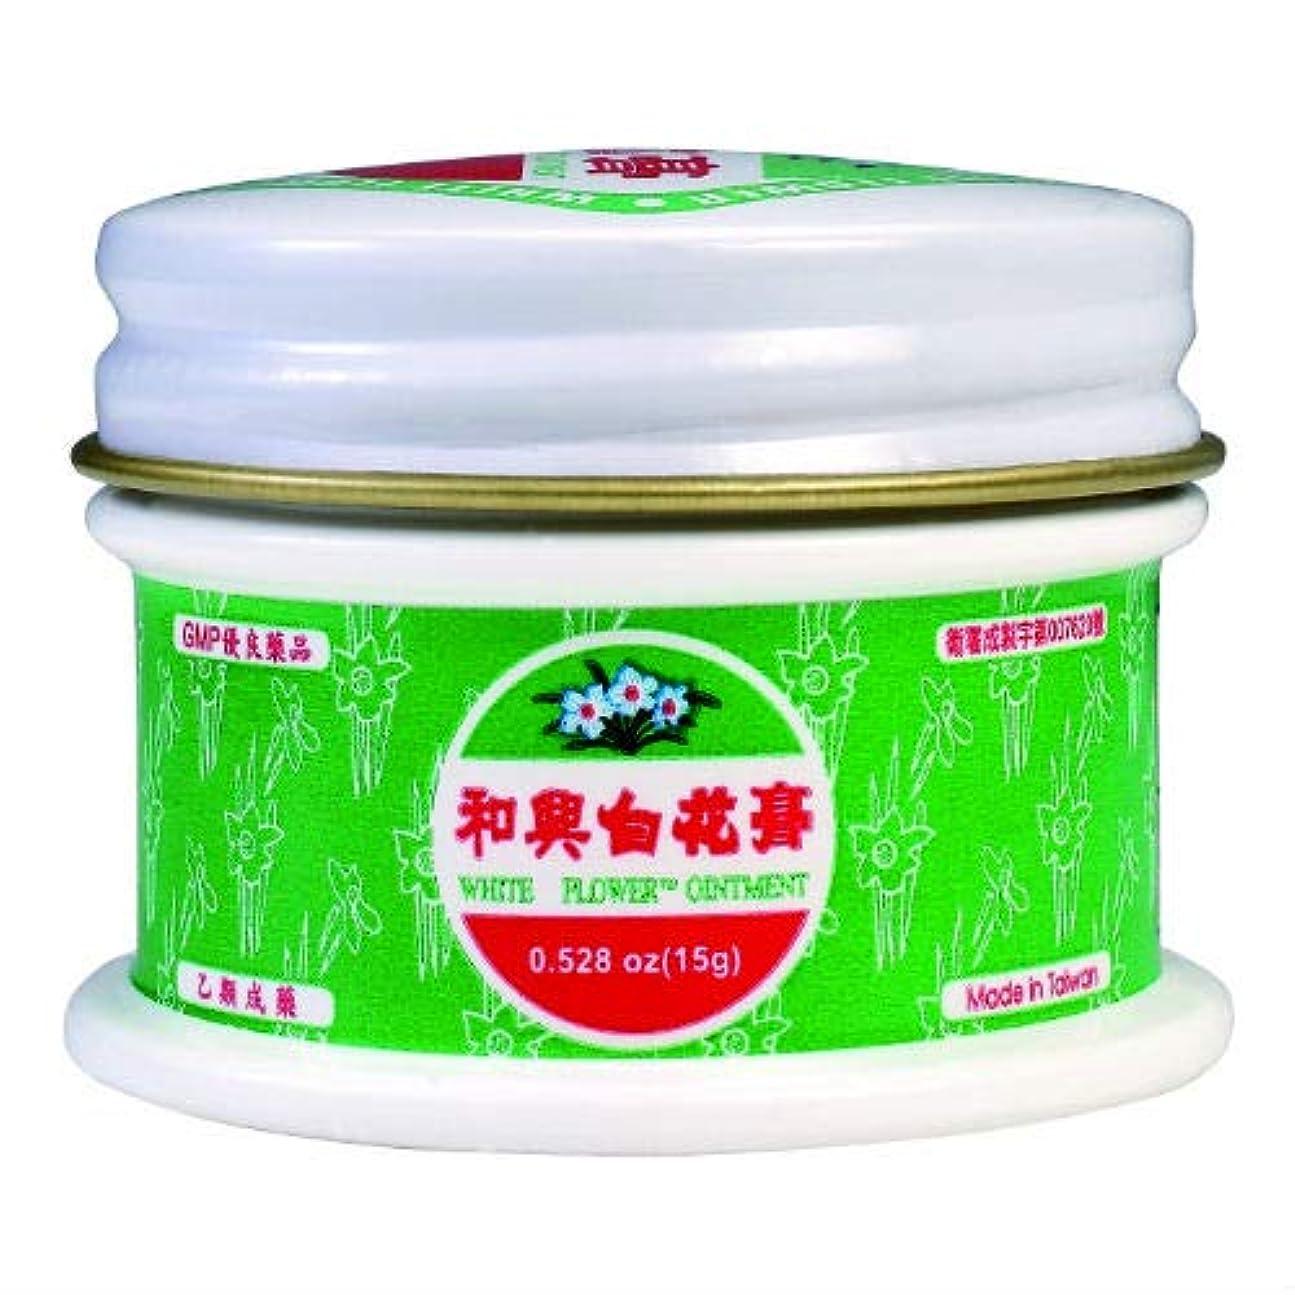 知人光沢スクラブ台湾 純正版 白花膏 15g( 白花油軟膏タイプ )